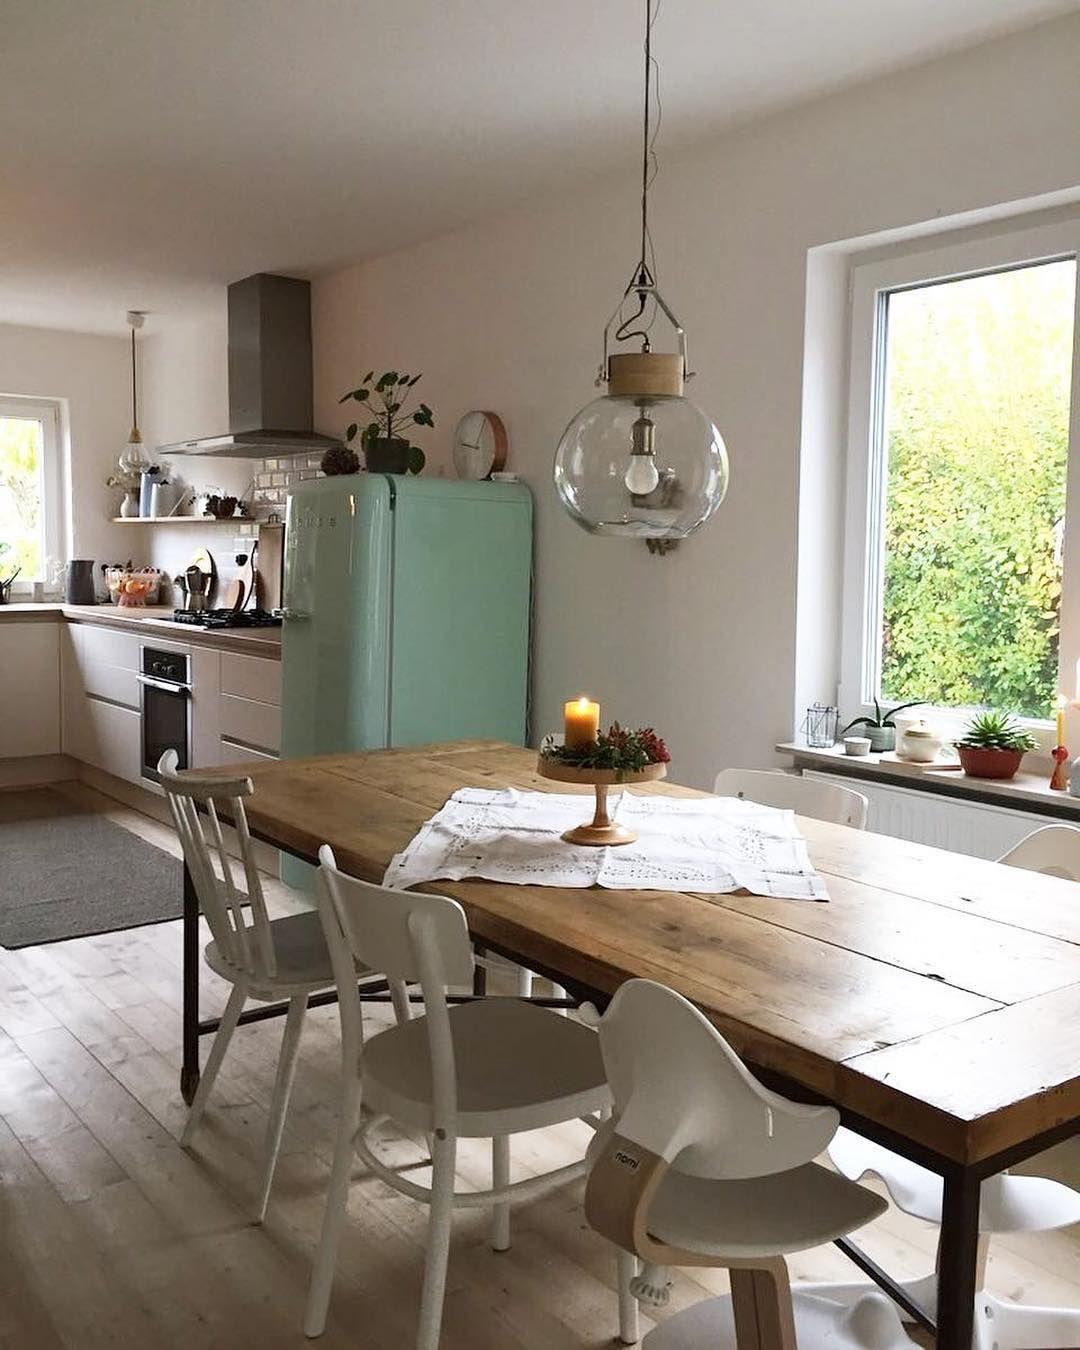 Beeindruckendes Küchendesign | Esstisch, Lampe esstisch ...